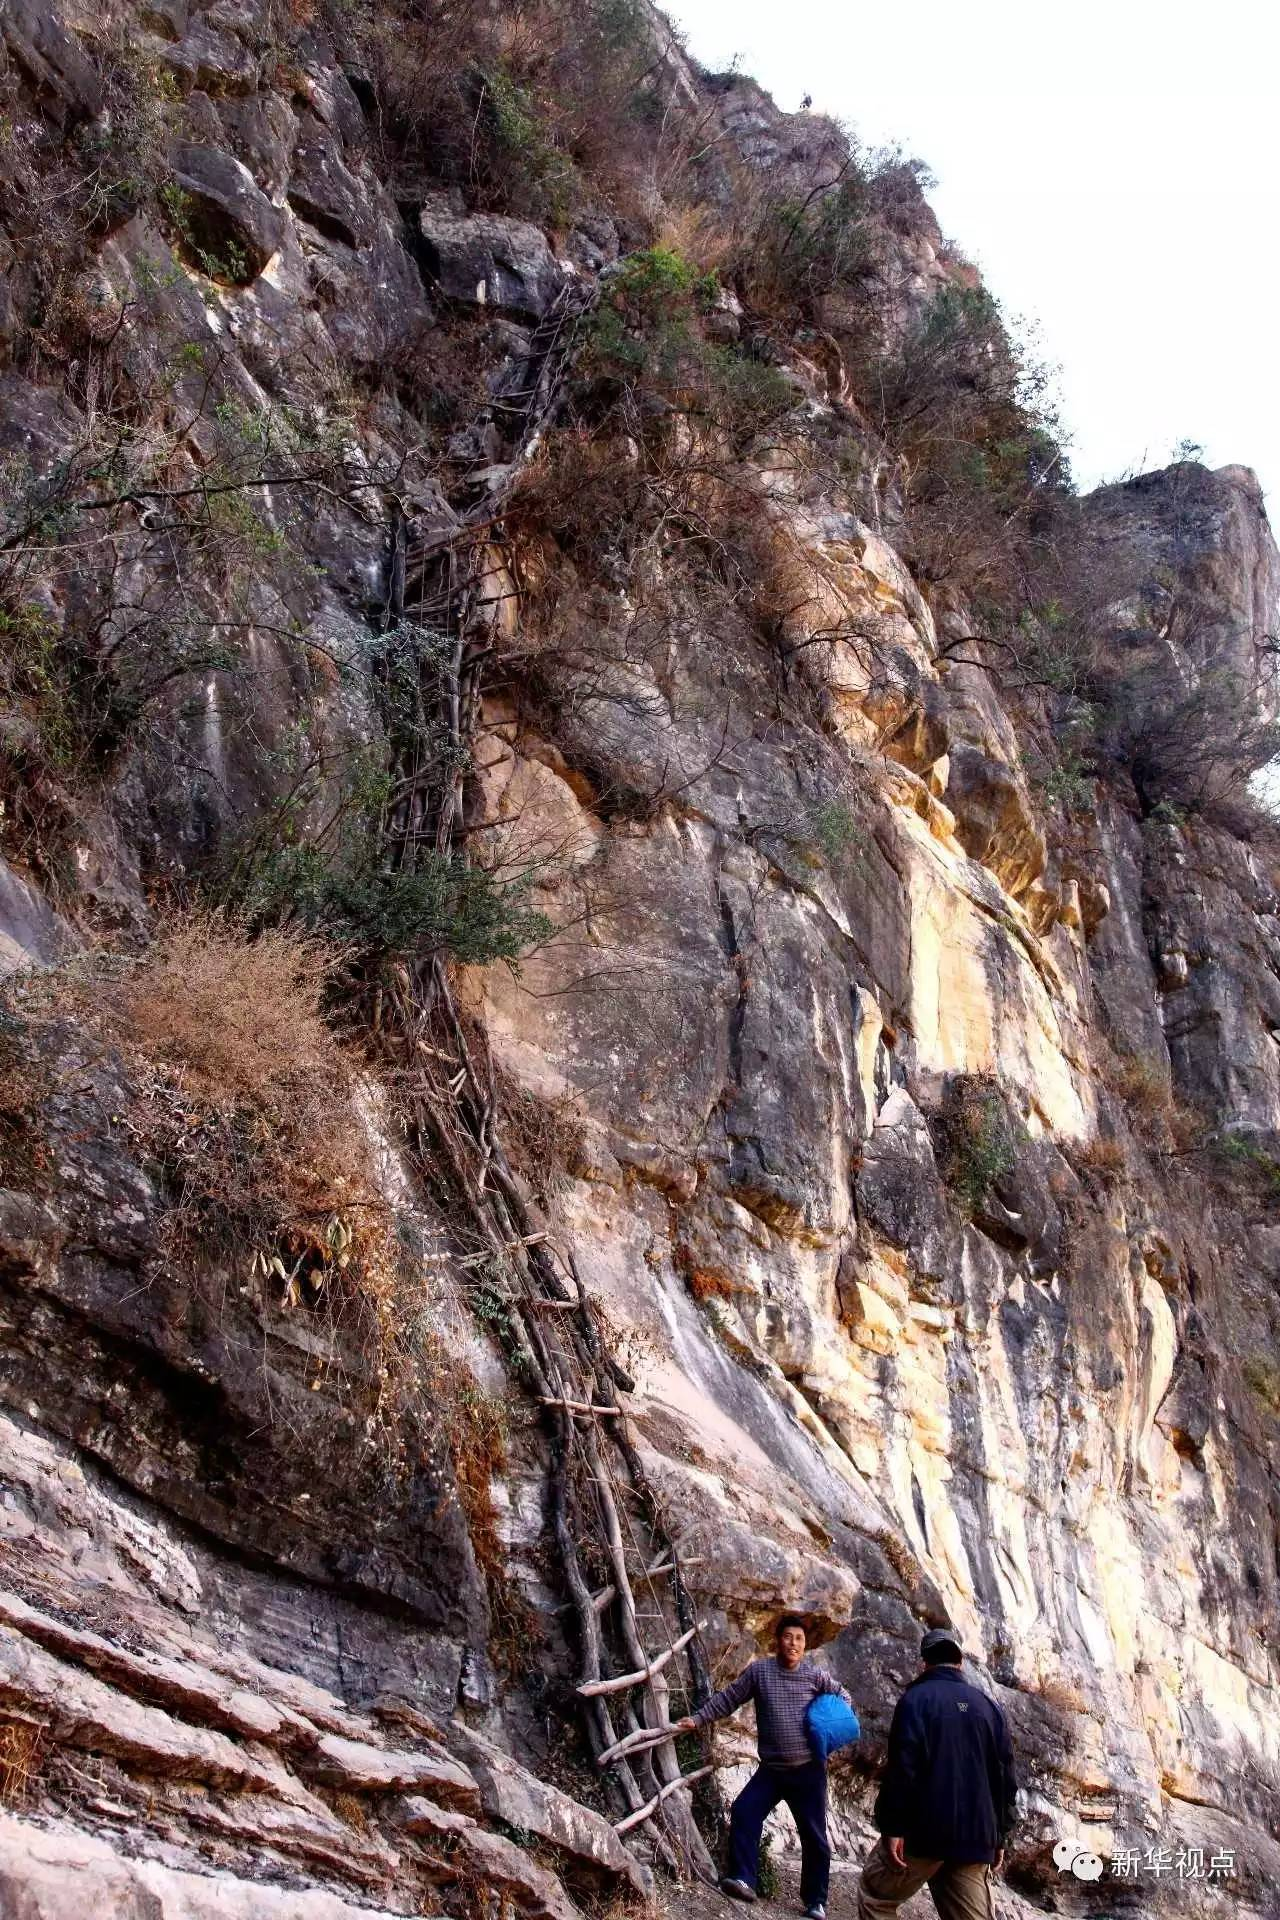 2013年2月22日拍摄的藤梯(阿克鸠射摄)